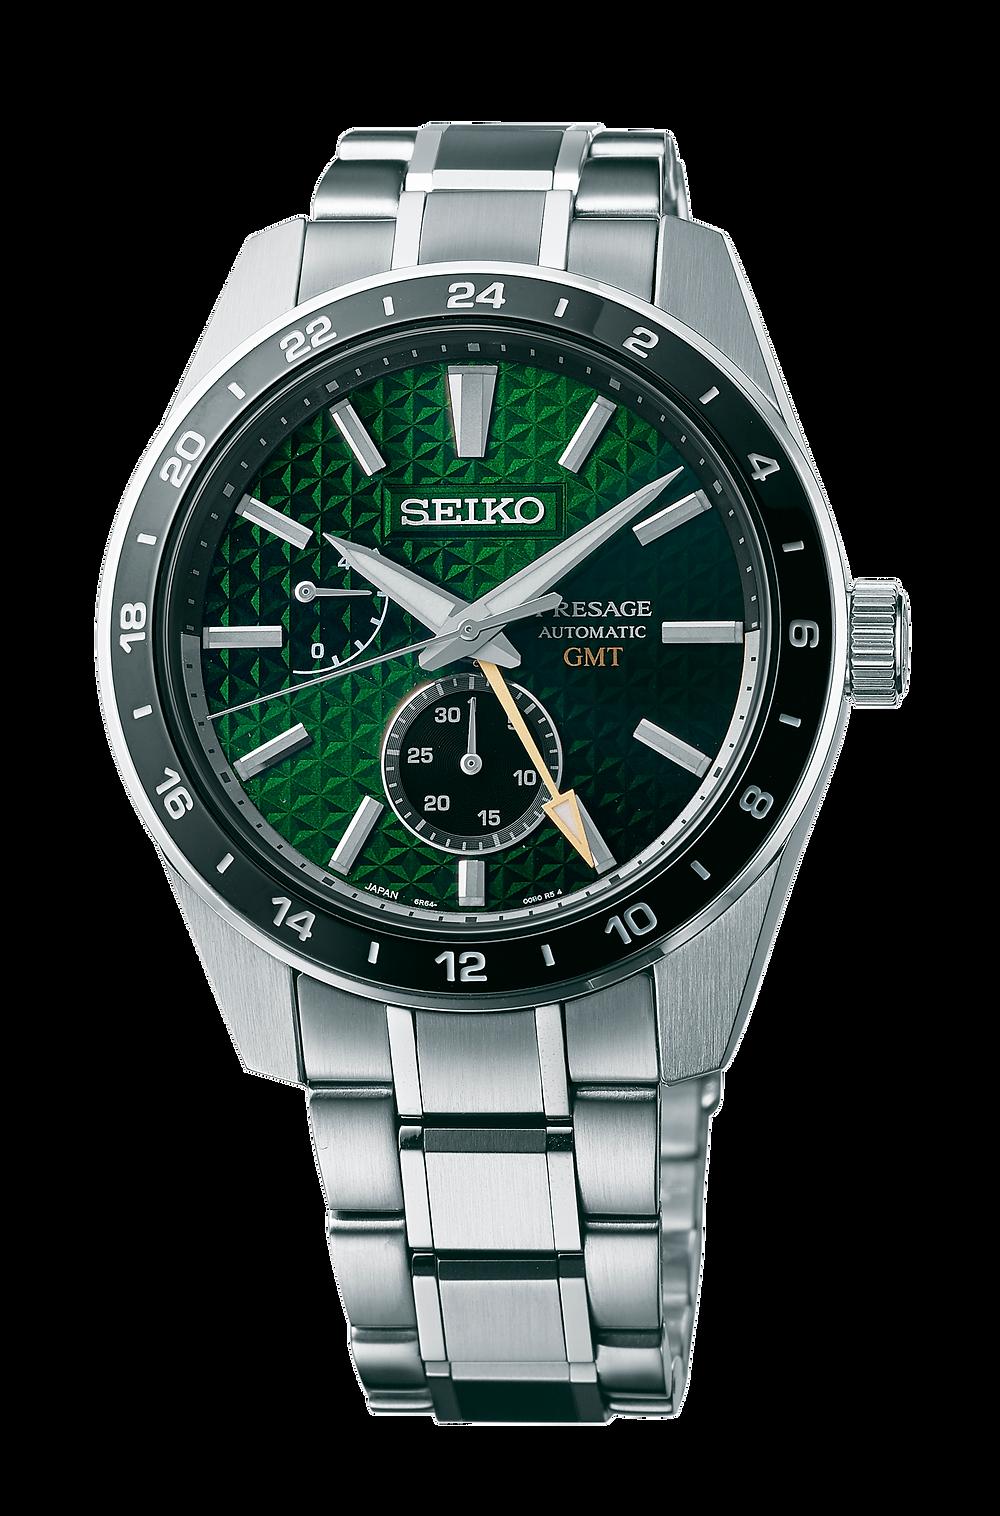 Seiko Presage GMT-2021 referencia SPB219J1